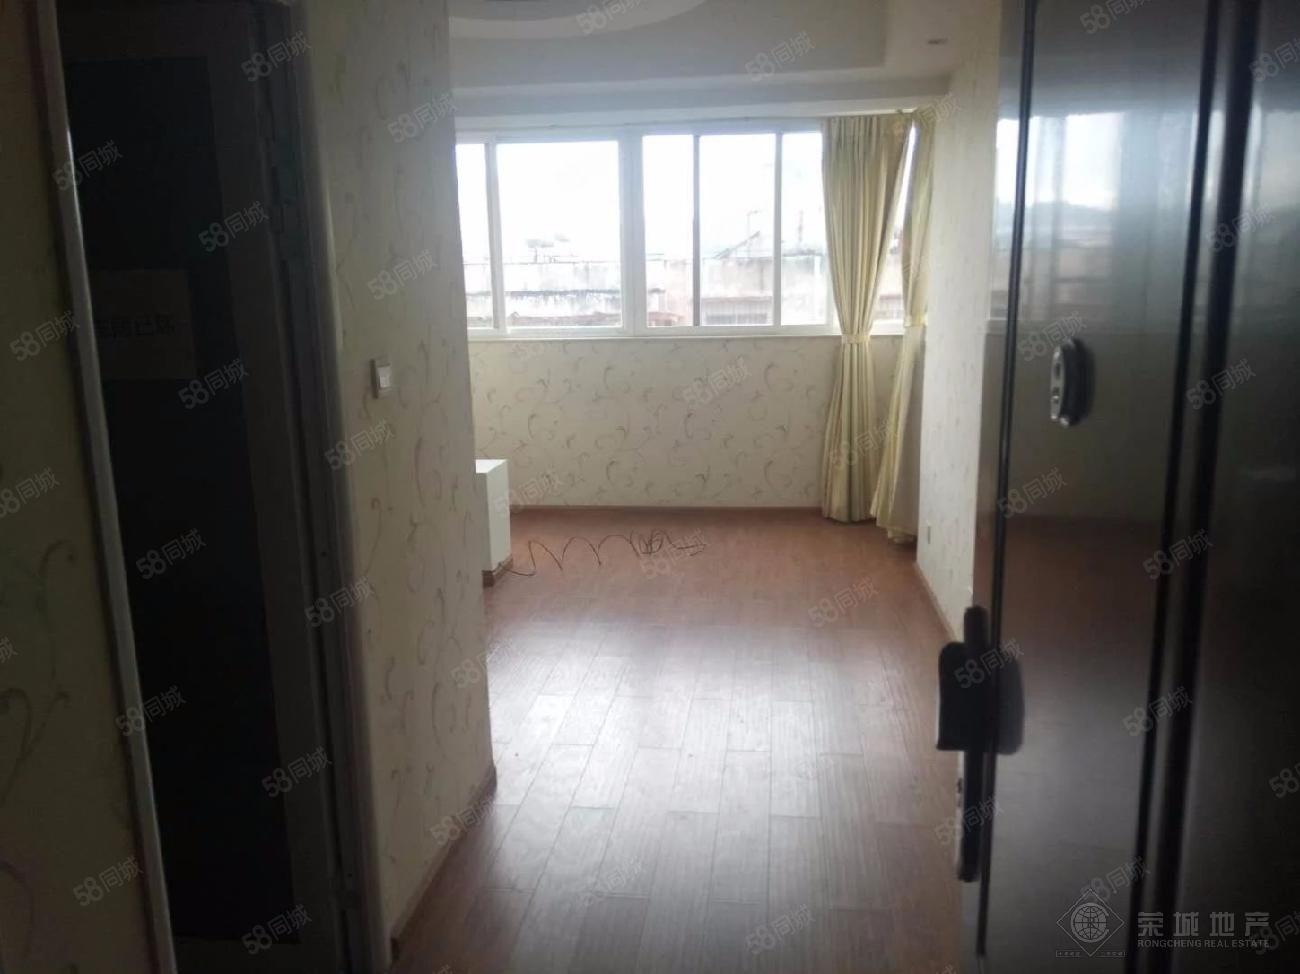 吉房澳门金沙平台,看房方便,湖庭家和1000元1室1厅1卫普通